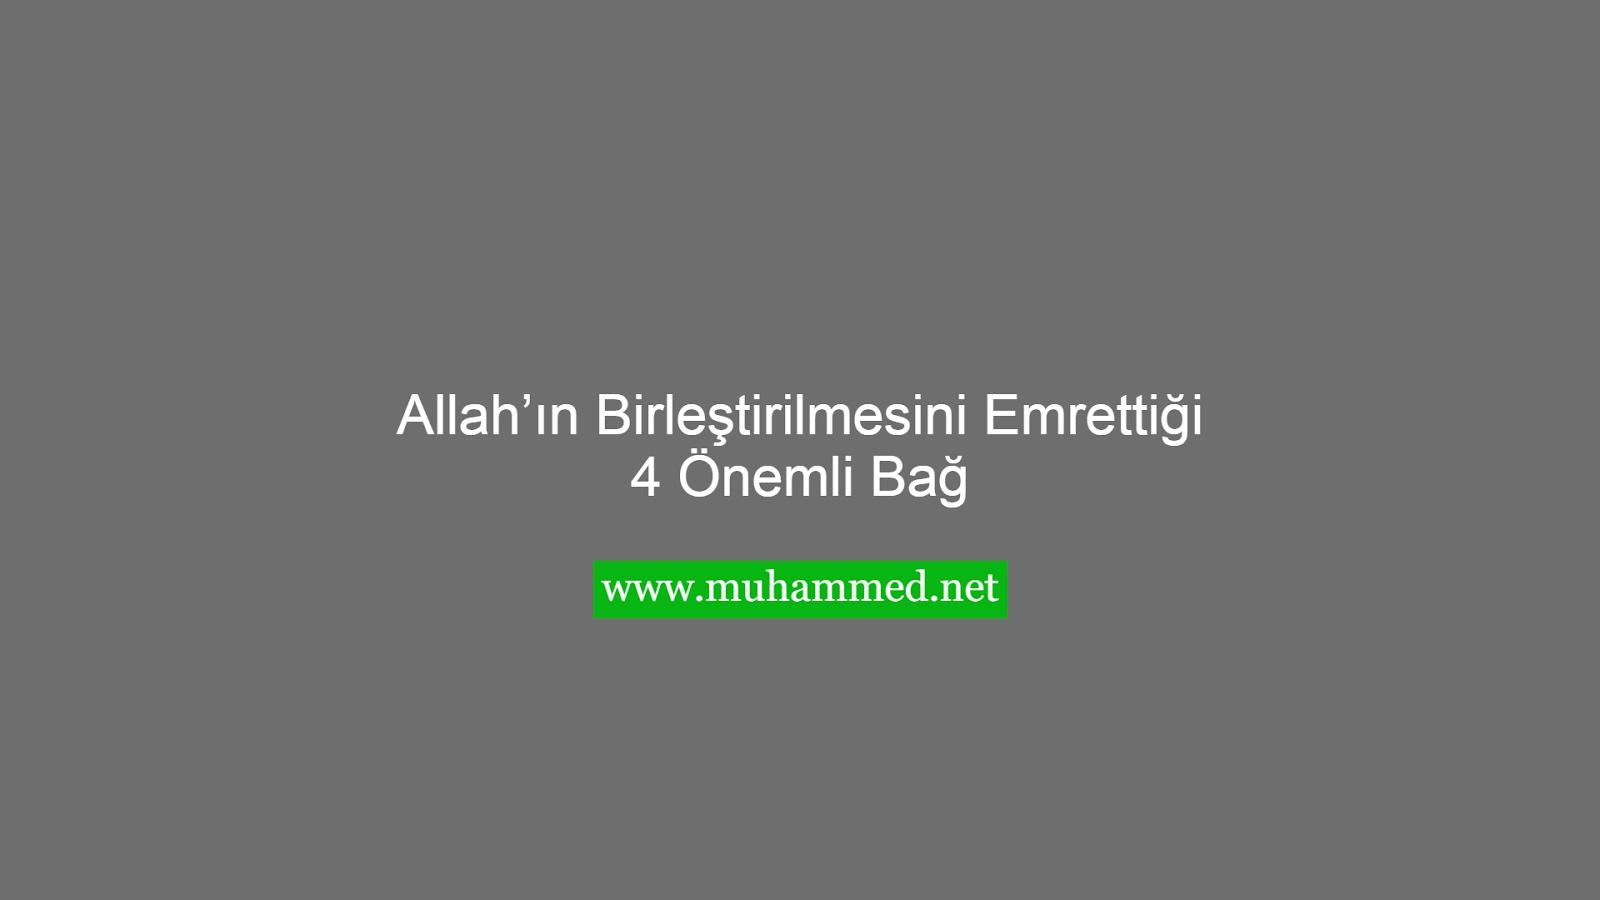 Allah'ın Birleştirilmesini Emrettiği 4 Önemli Bağ